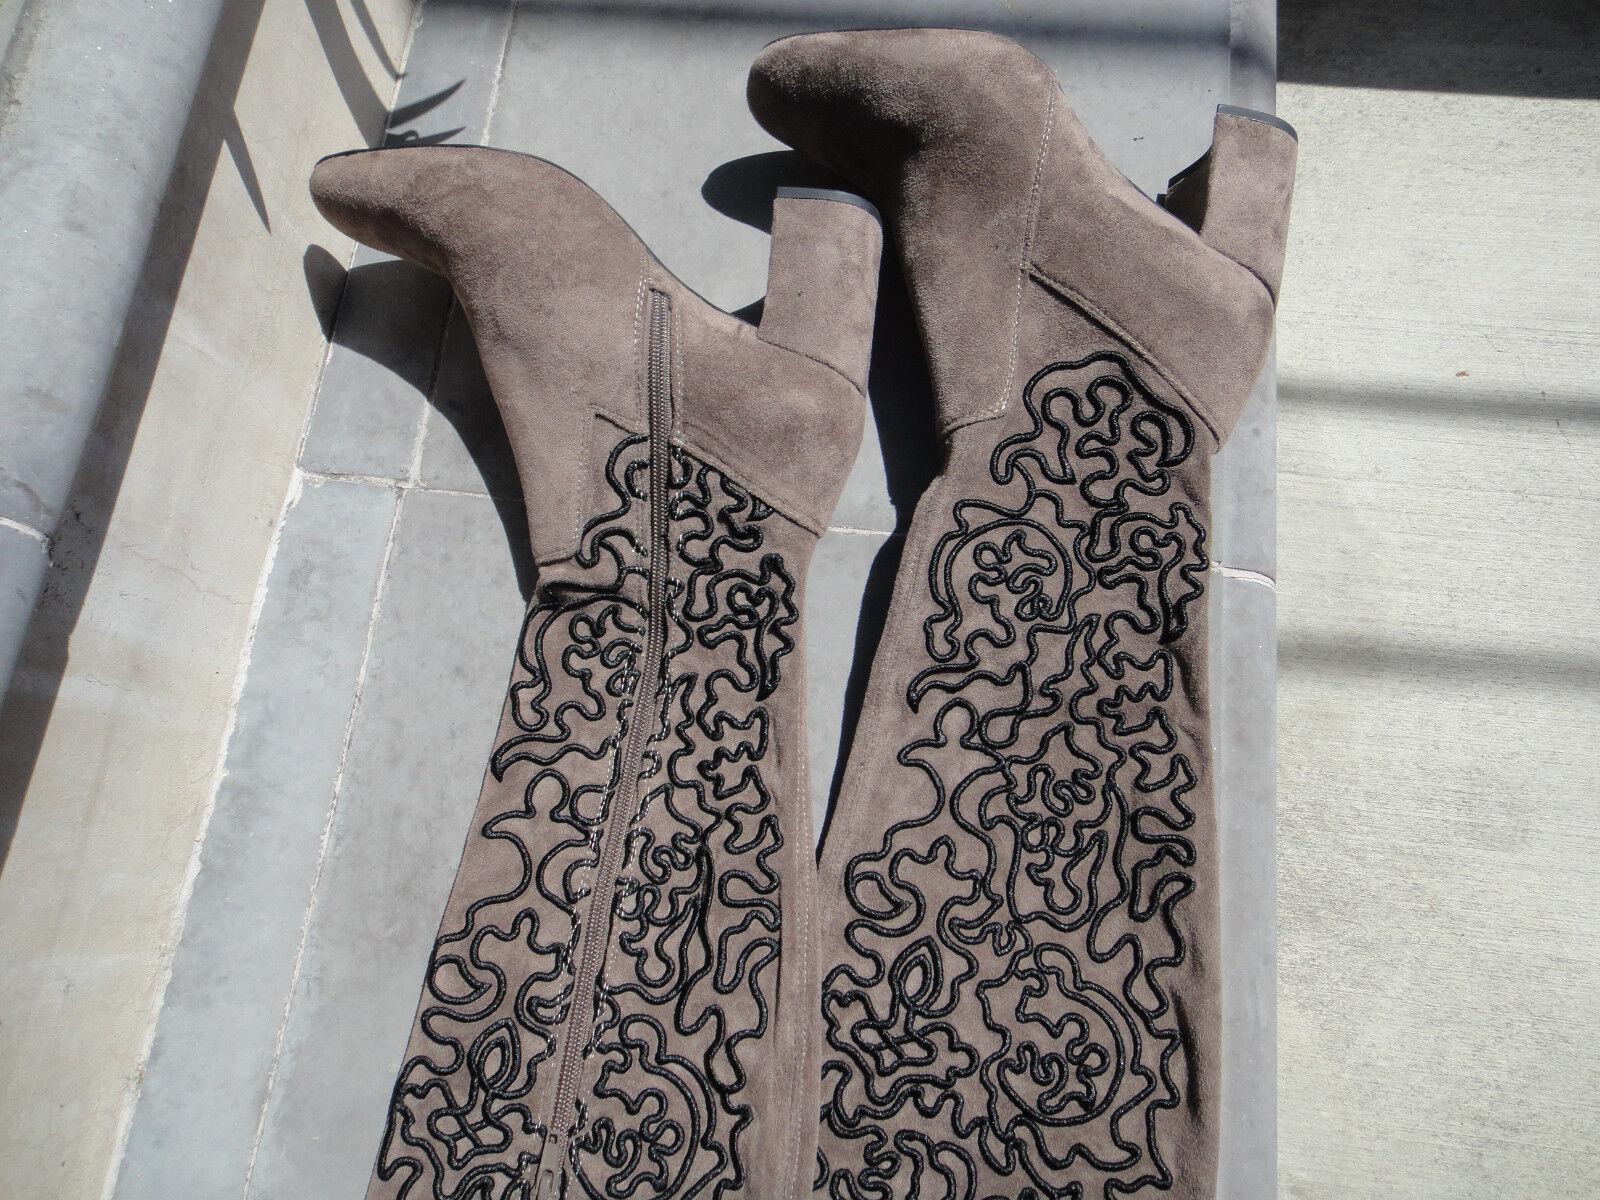 Jeffrey Campbell Cienega Negro Negro Negro gris Gamuza OTK bota, Wmns's Talla 6.5M o 7.5M  Seleccione de las marcas más nuevas como